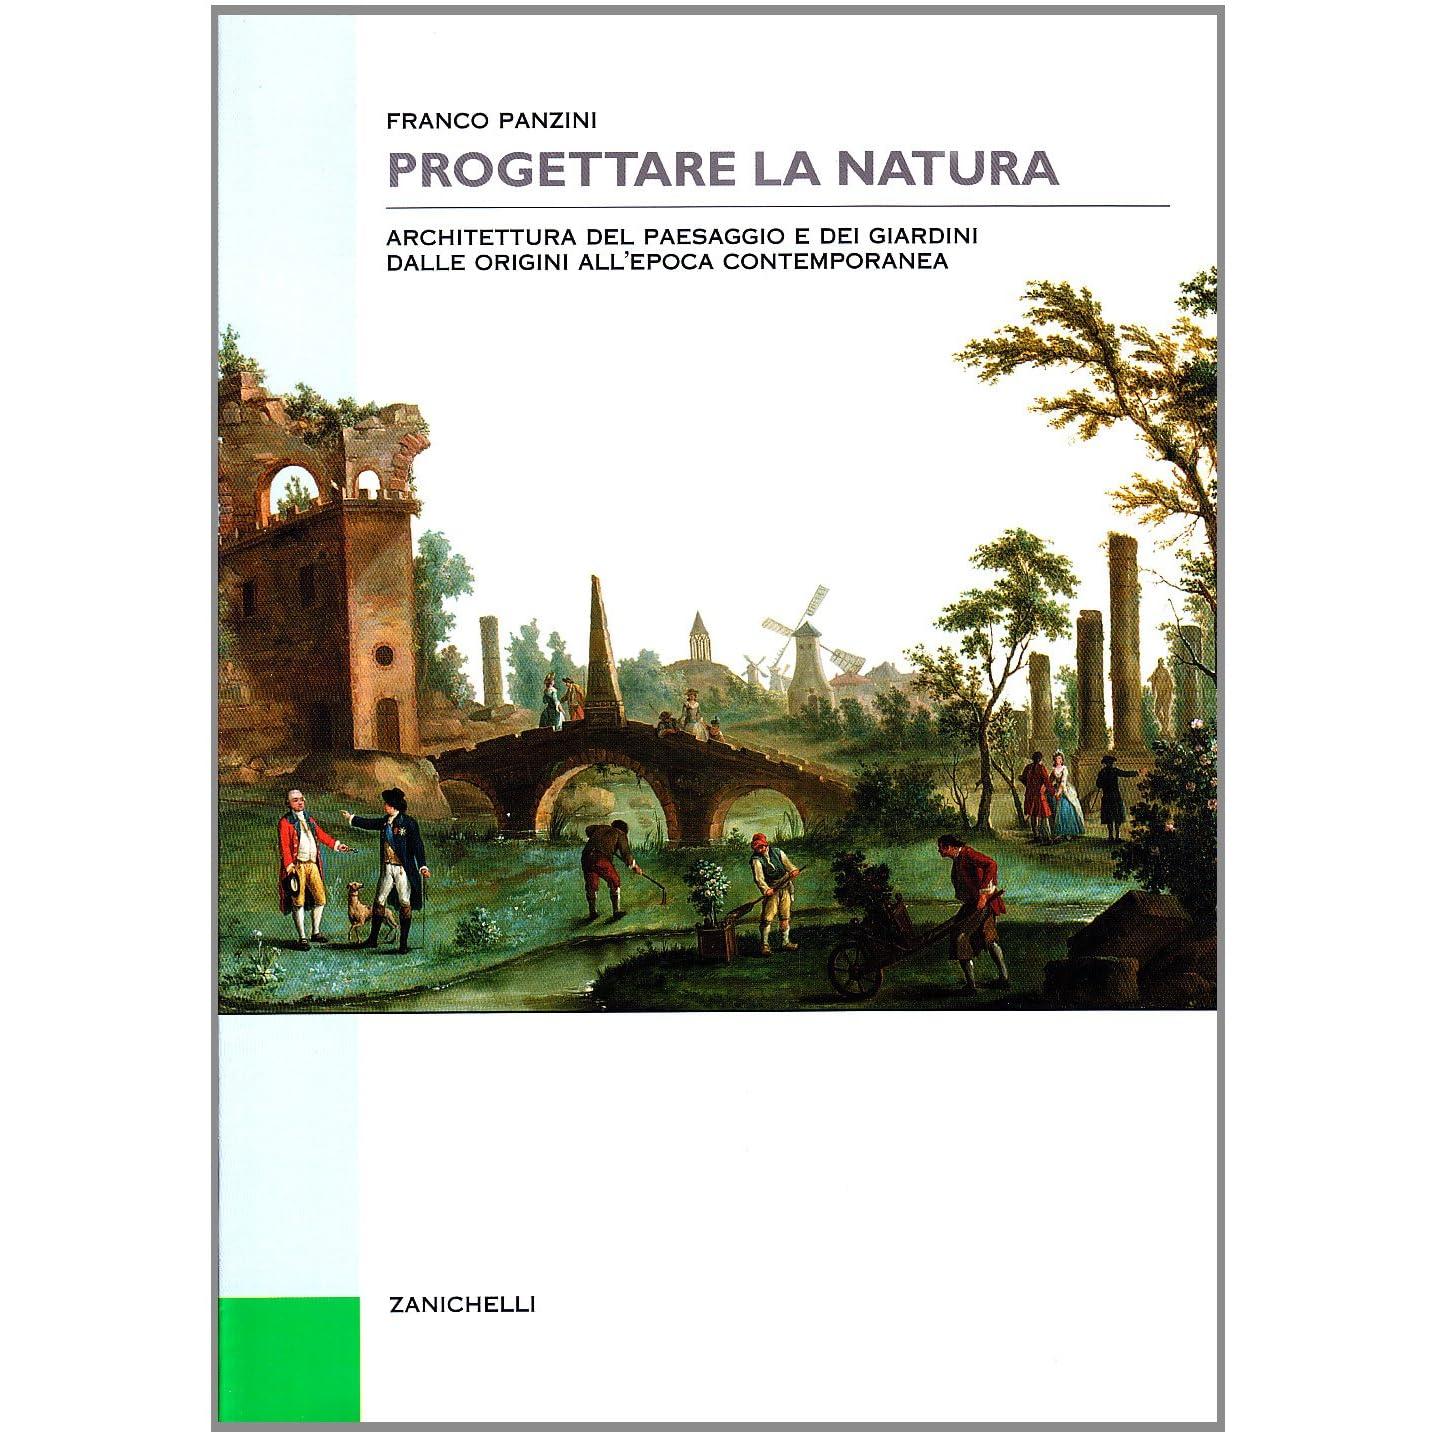 Architettura Del Verde progettare la natura: architettura del paesaggio e dei